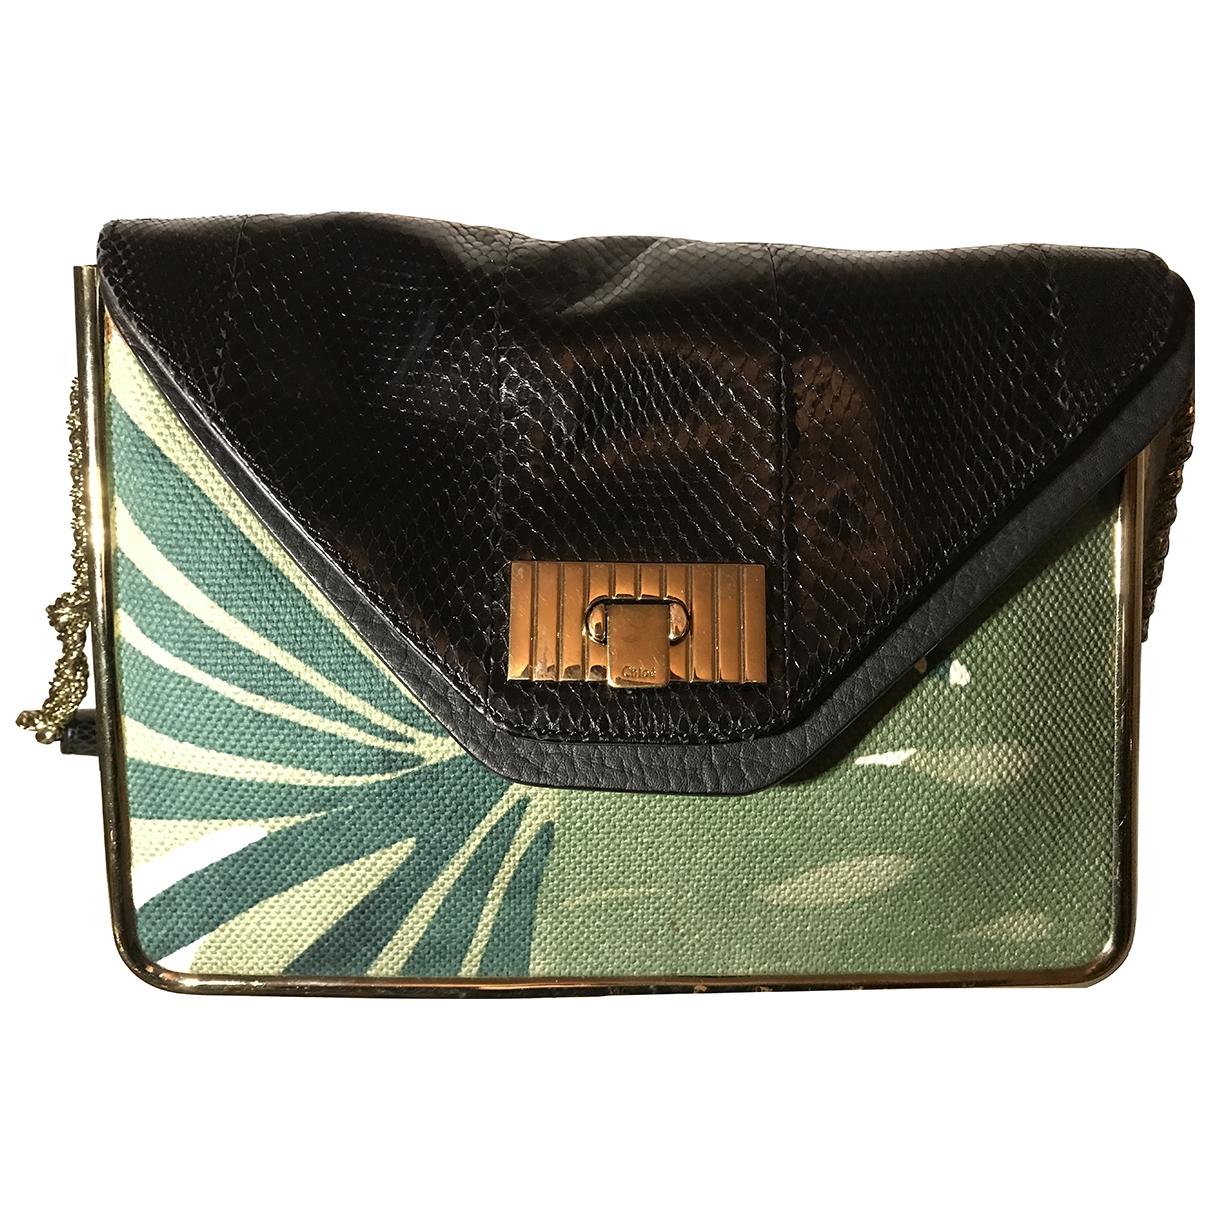 Chloé \N Green Water snake handbag for Women \N